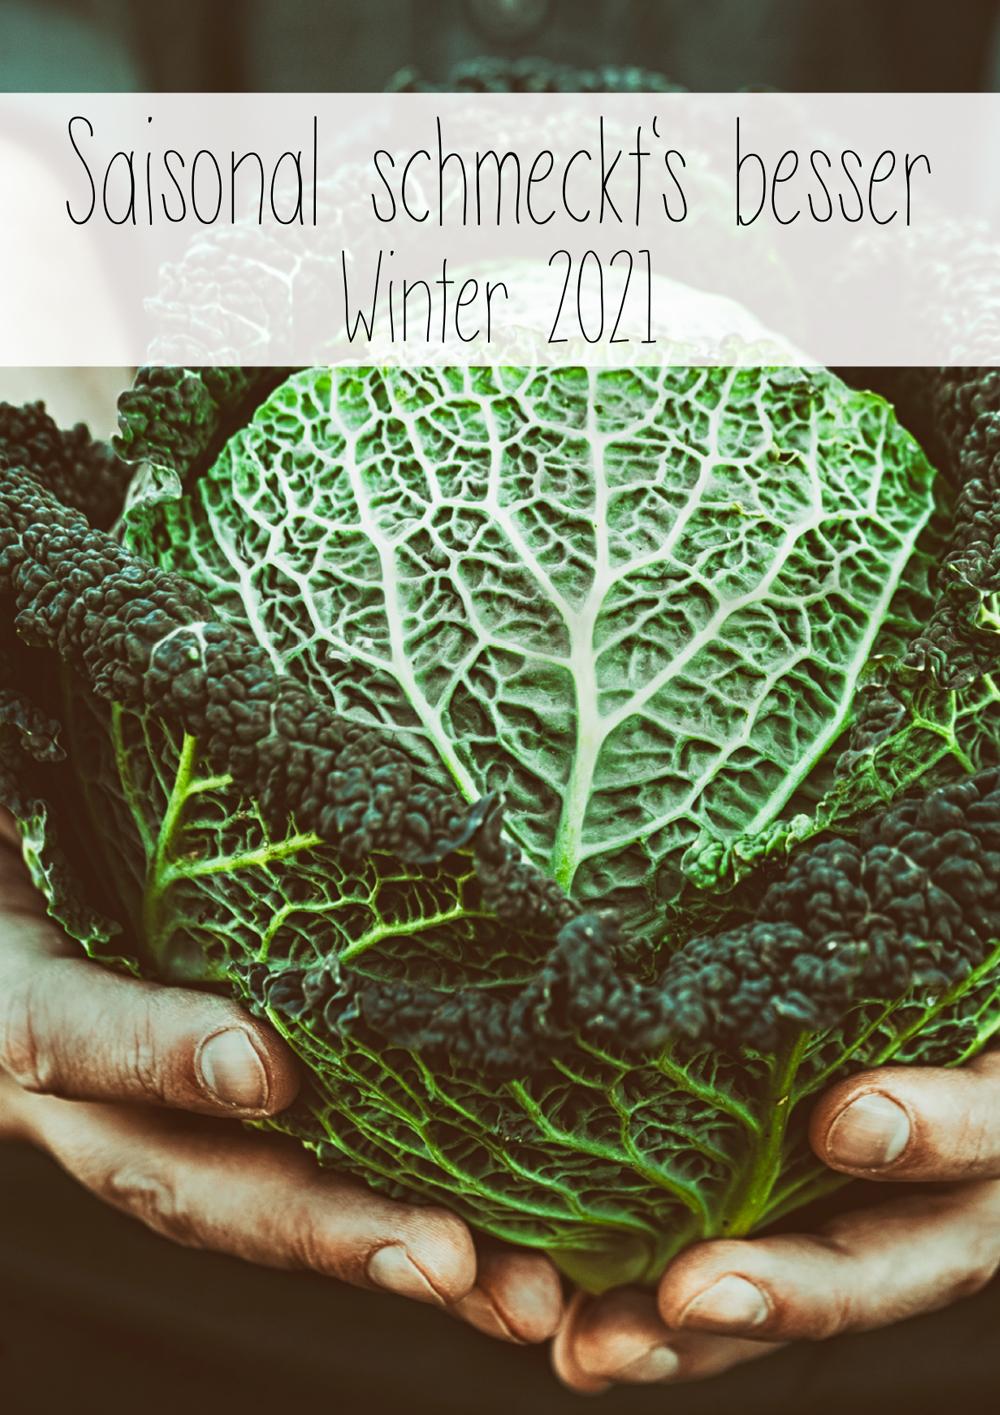 Saisonal-schmeckts-besser-winter-2021